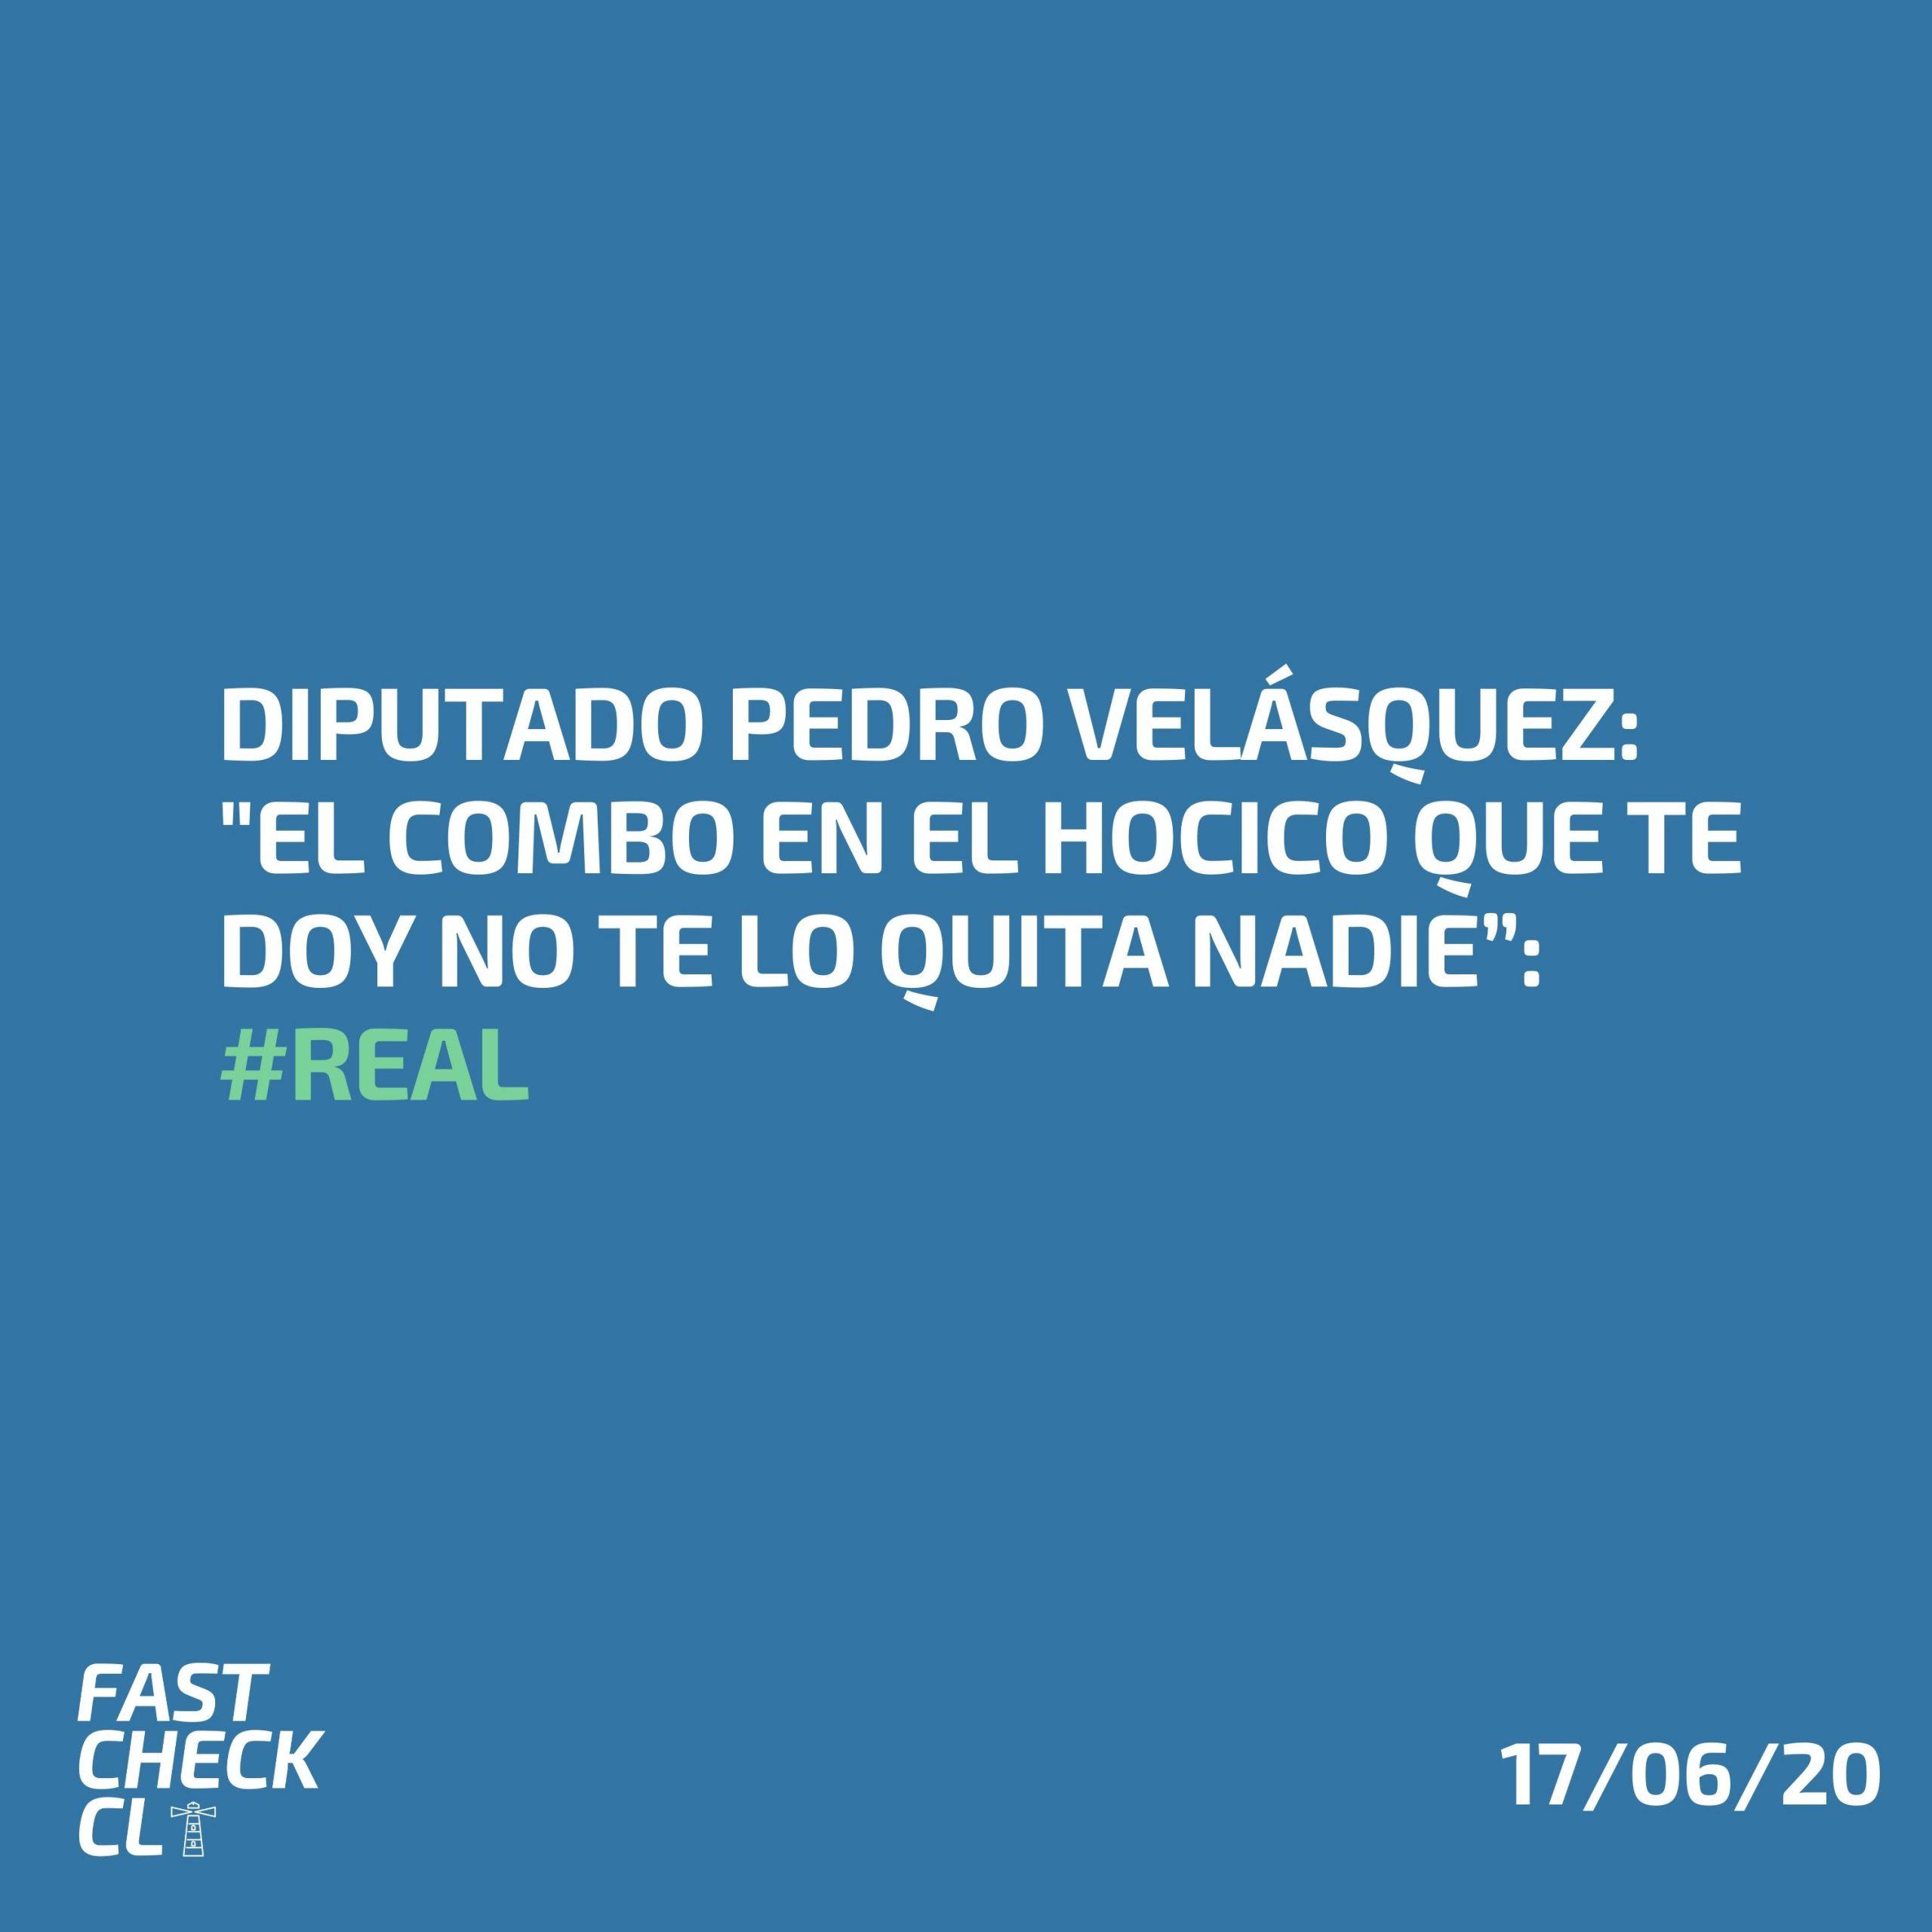 """Read more about the article Diputado Pedro Velásquez: """"El combo en el hocico que te doy no te lo quita nadie"""": #Real"""